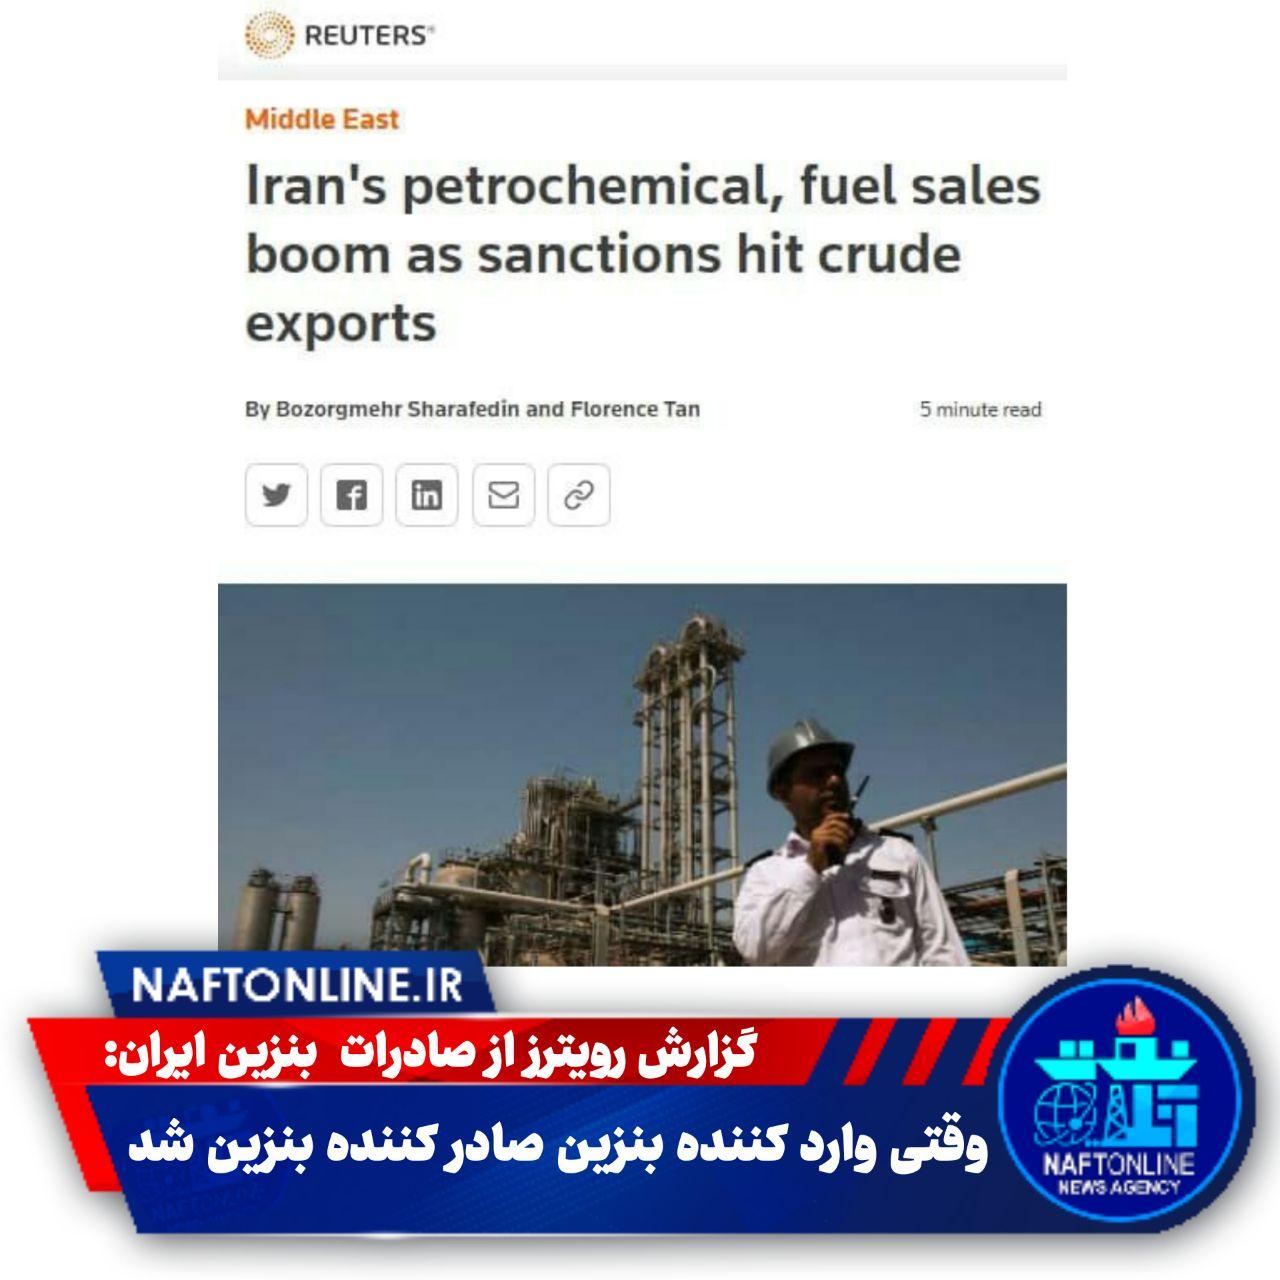 گزارش رویترز از صادرات بنزین ایران | نفت آنلاین